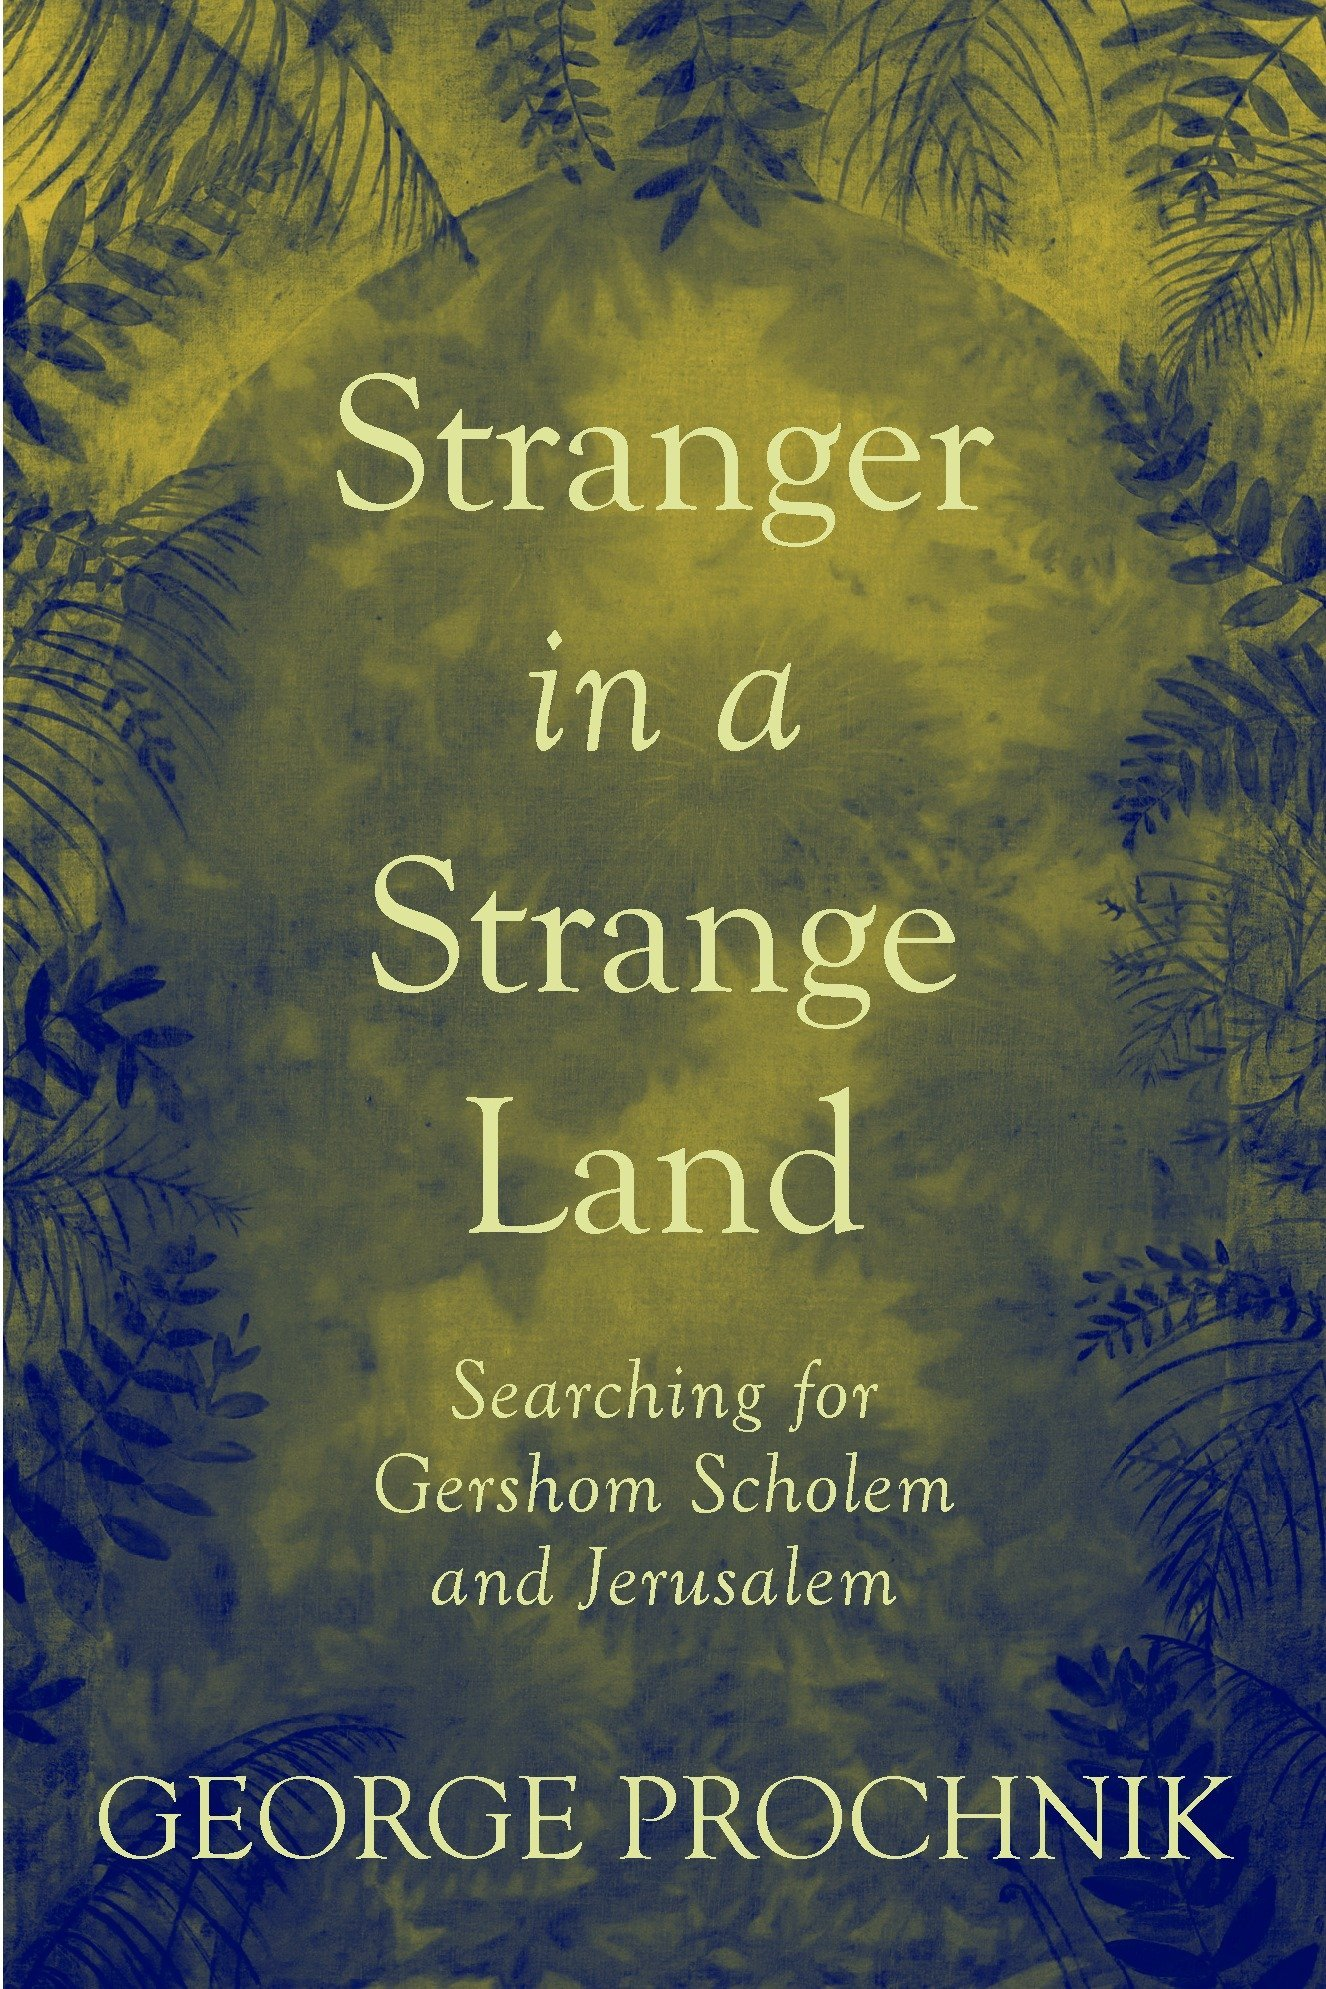 Stranger in a Strange Land: Searching for Gershom Scholem and Jerusalem PDF